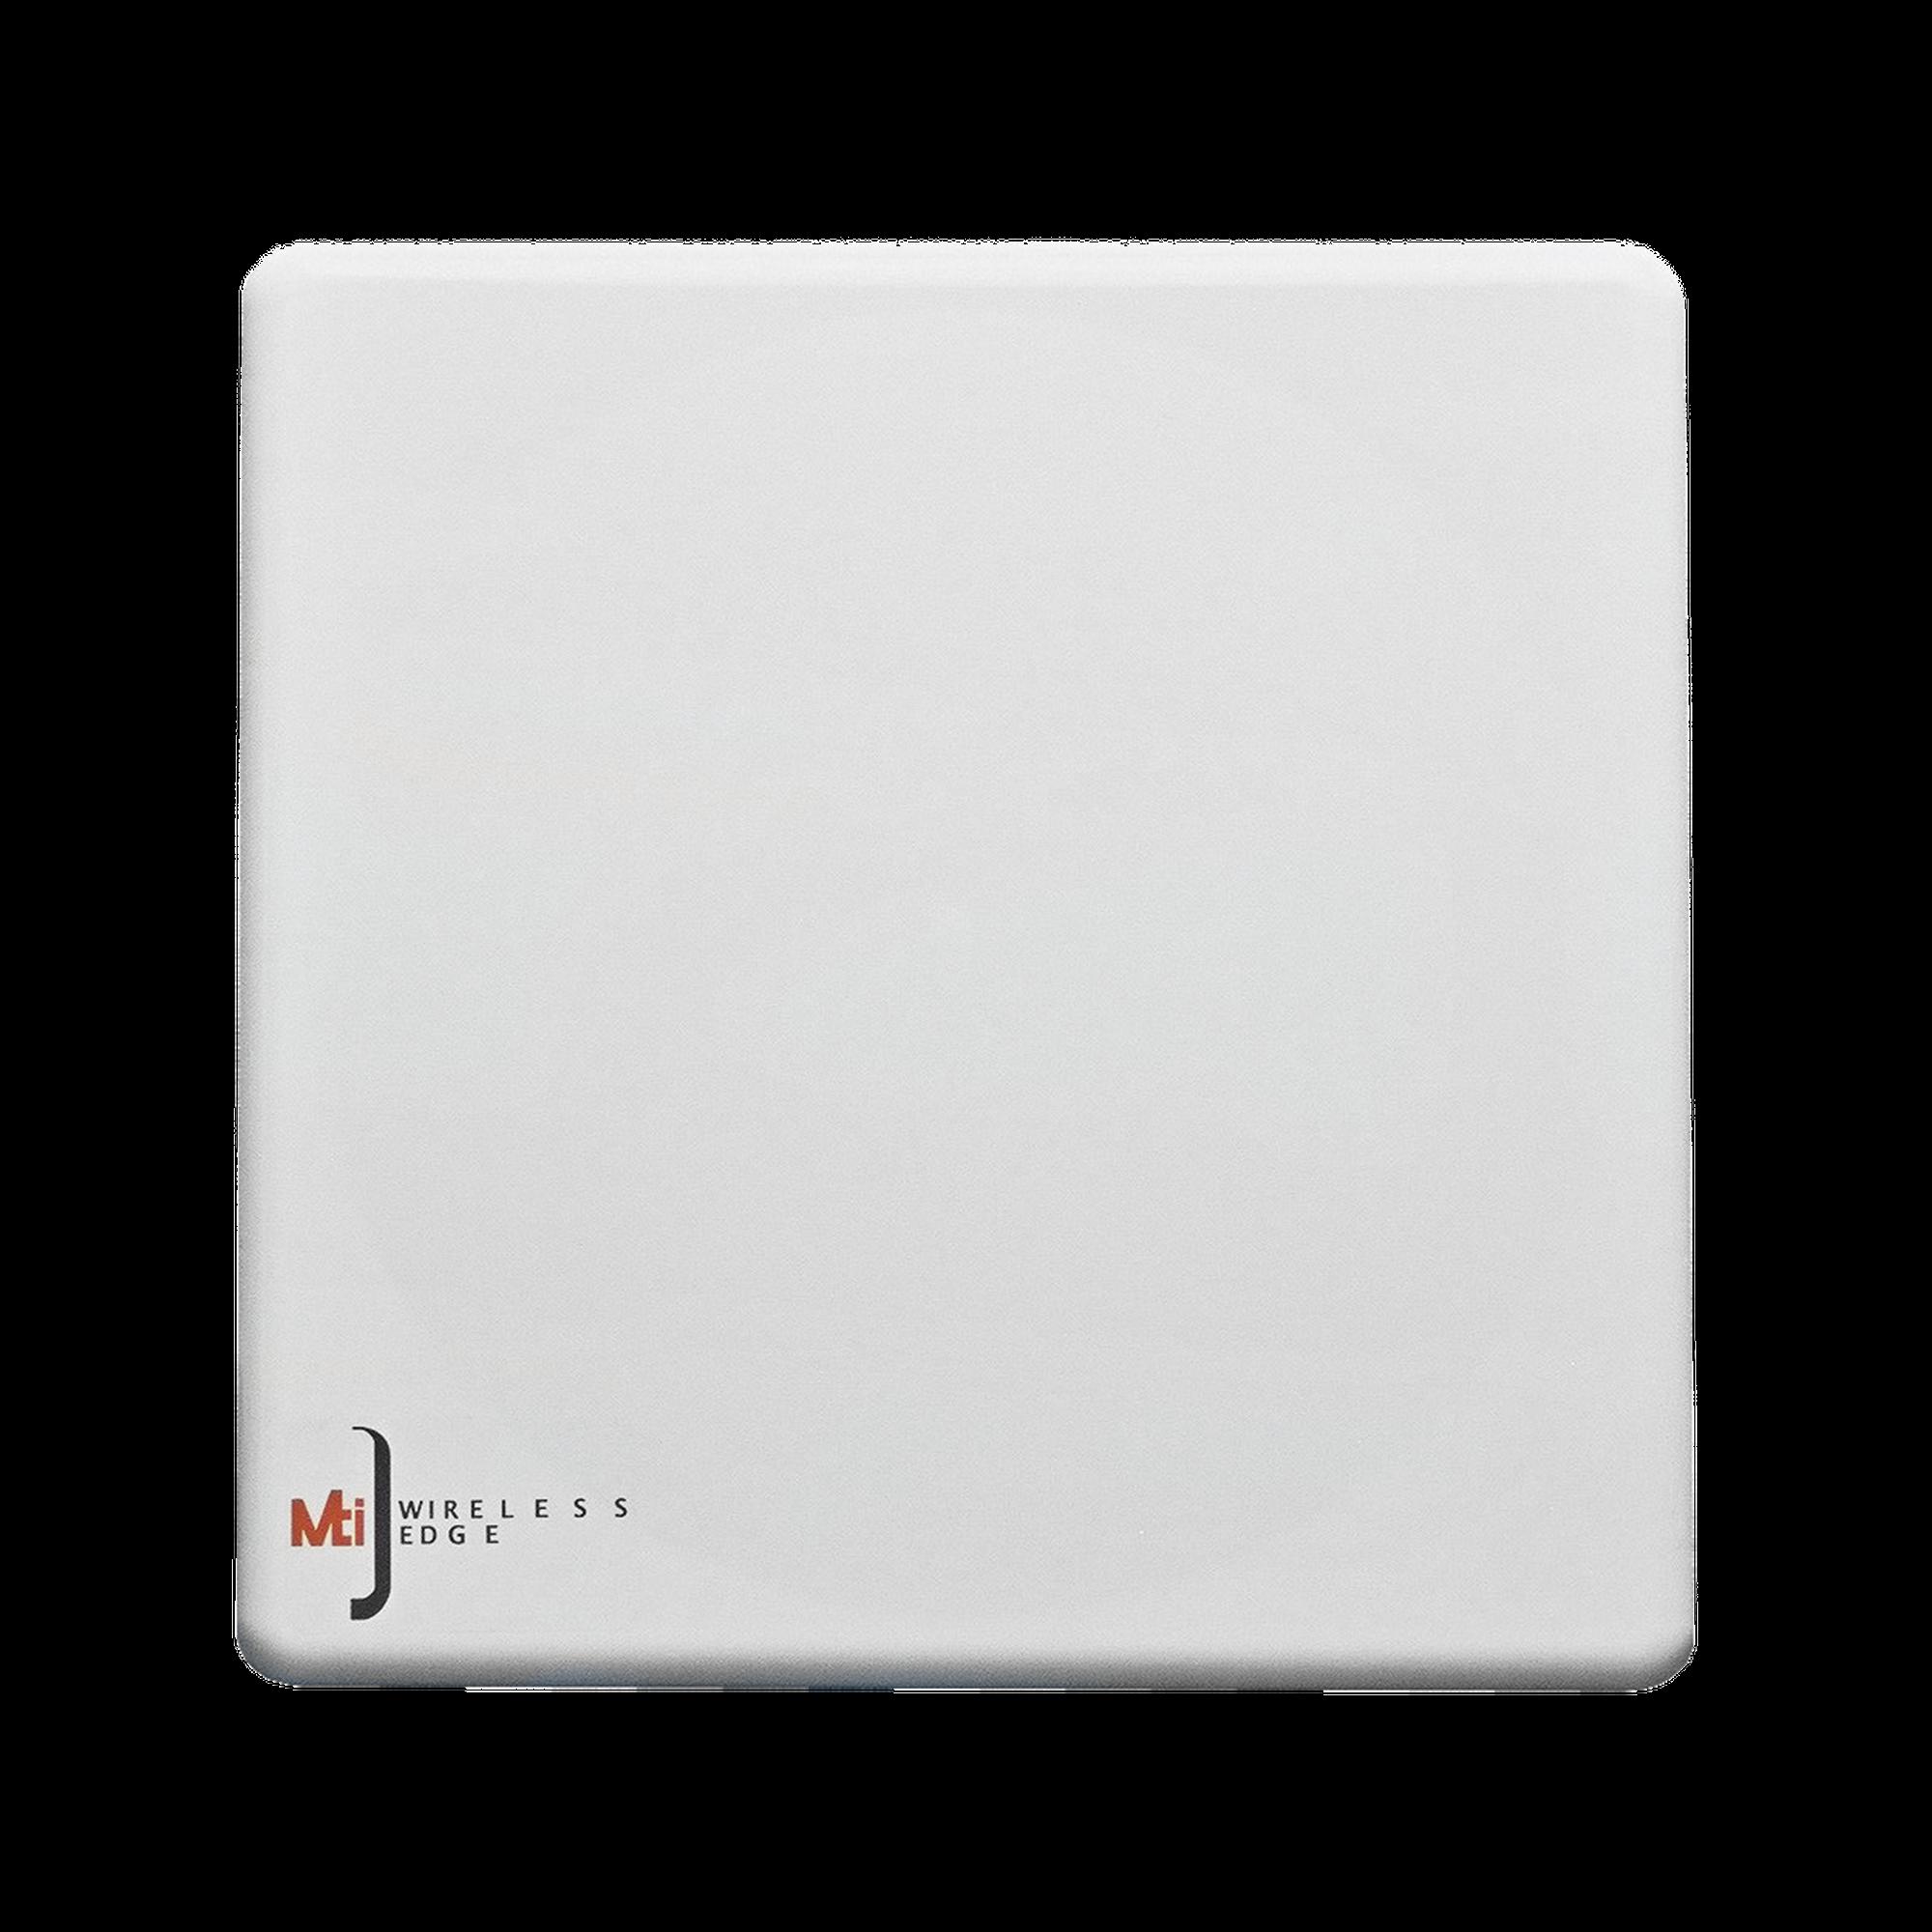 Antena Sectorial, frecuencia de 4.9-5.9 GHz, MIMO 4x4, Ganancia  16 dBi, Angulo de apertura 65?, 4 Conectores N-hembra con slant de 45?, IP67.